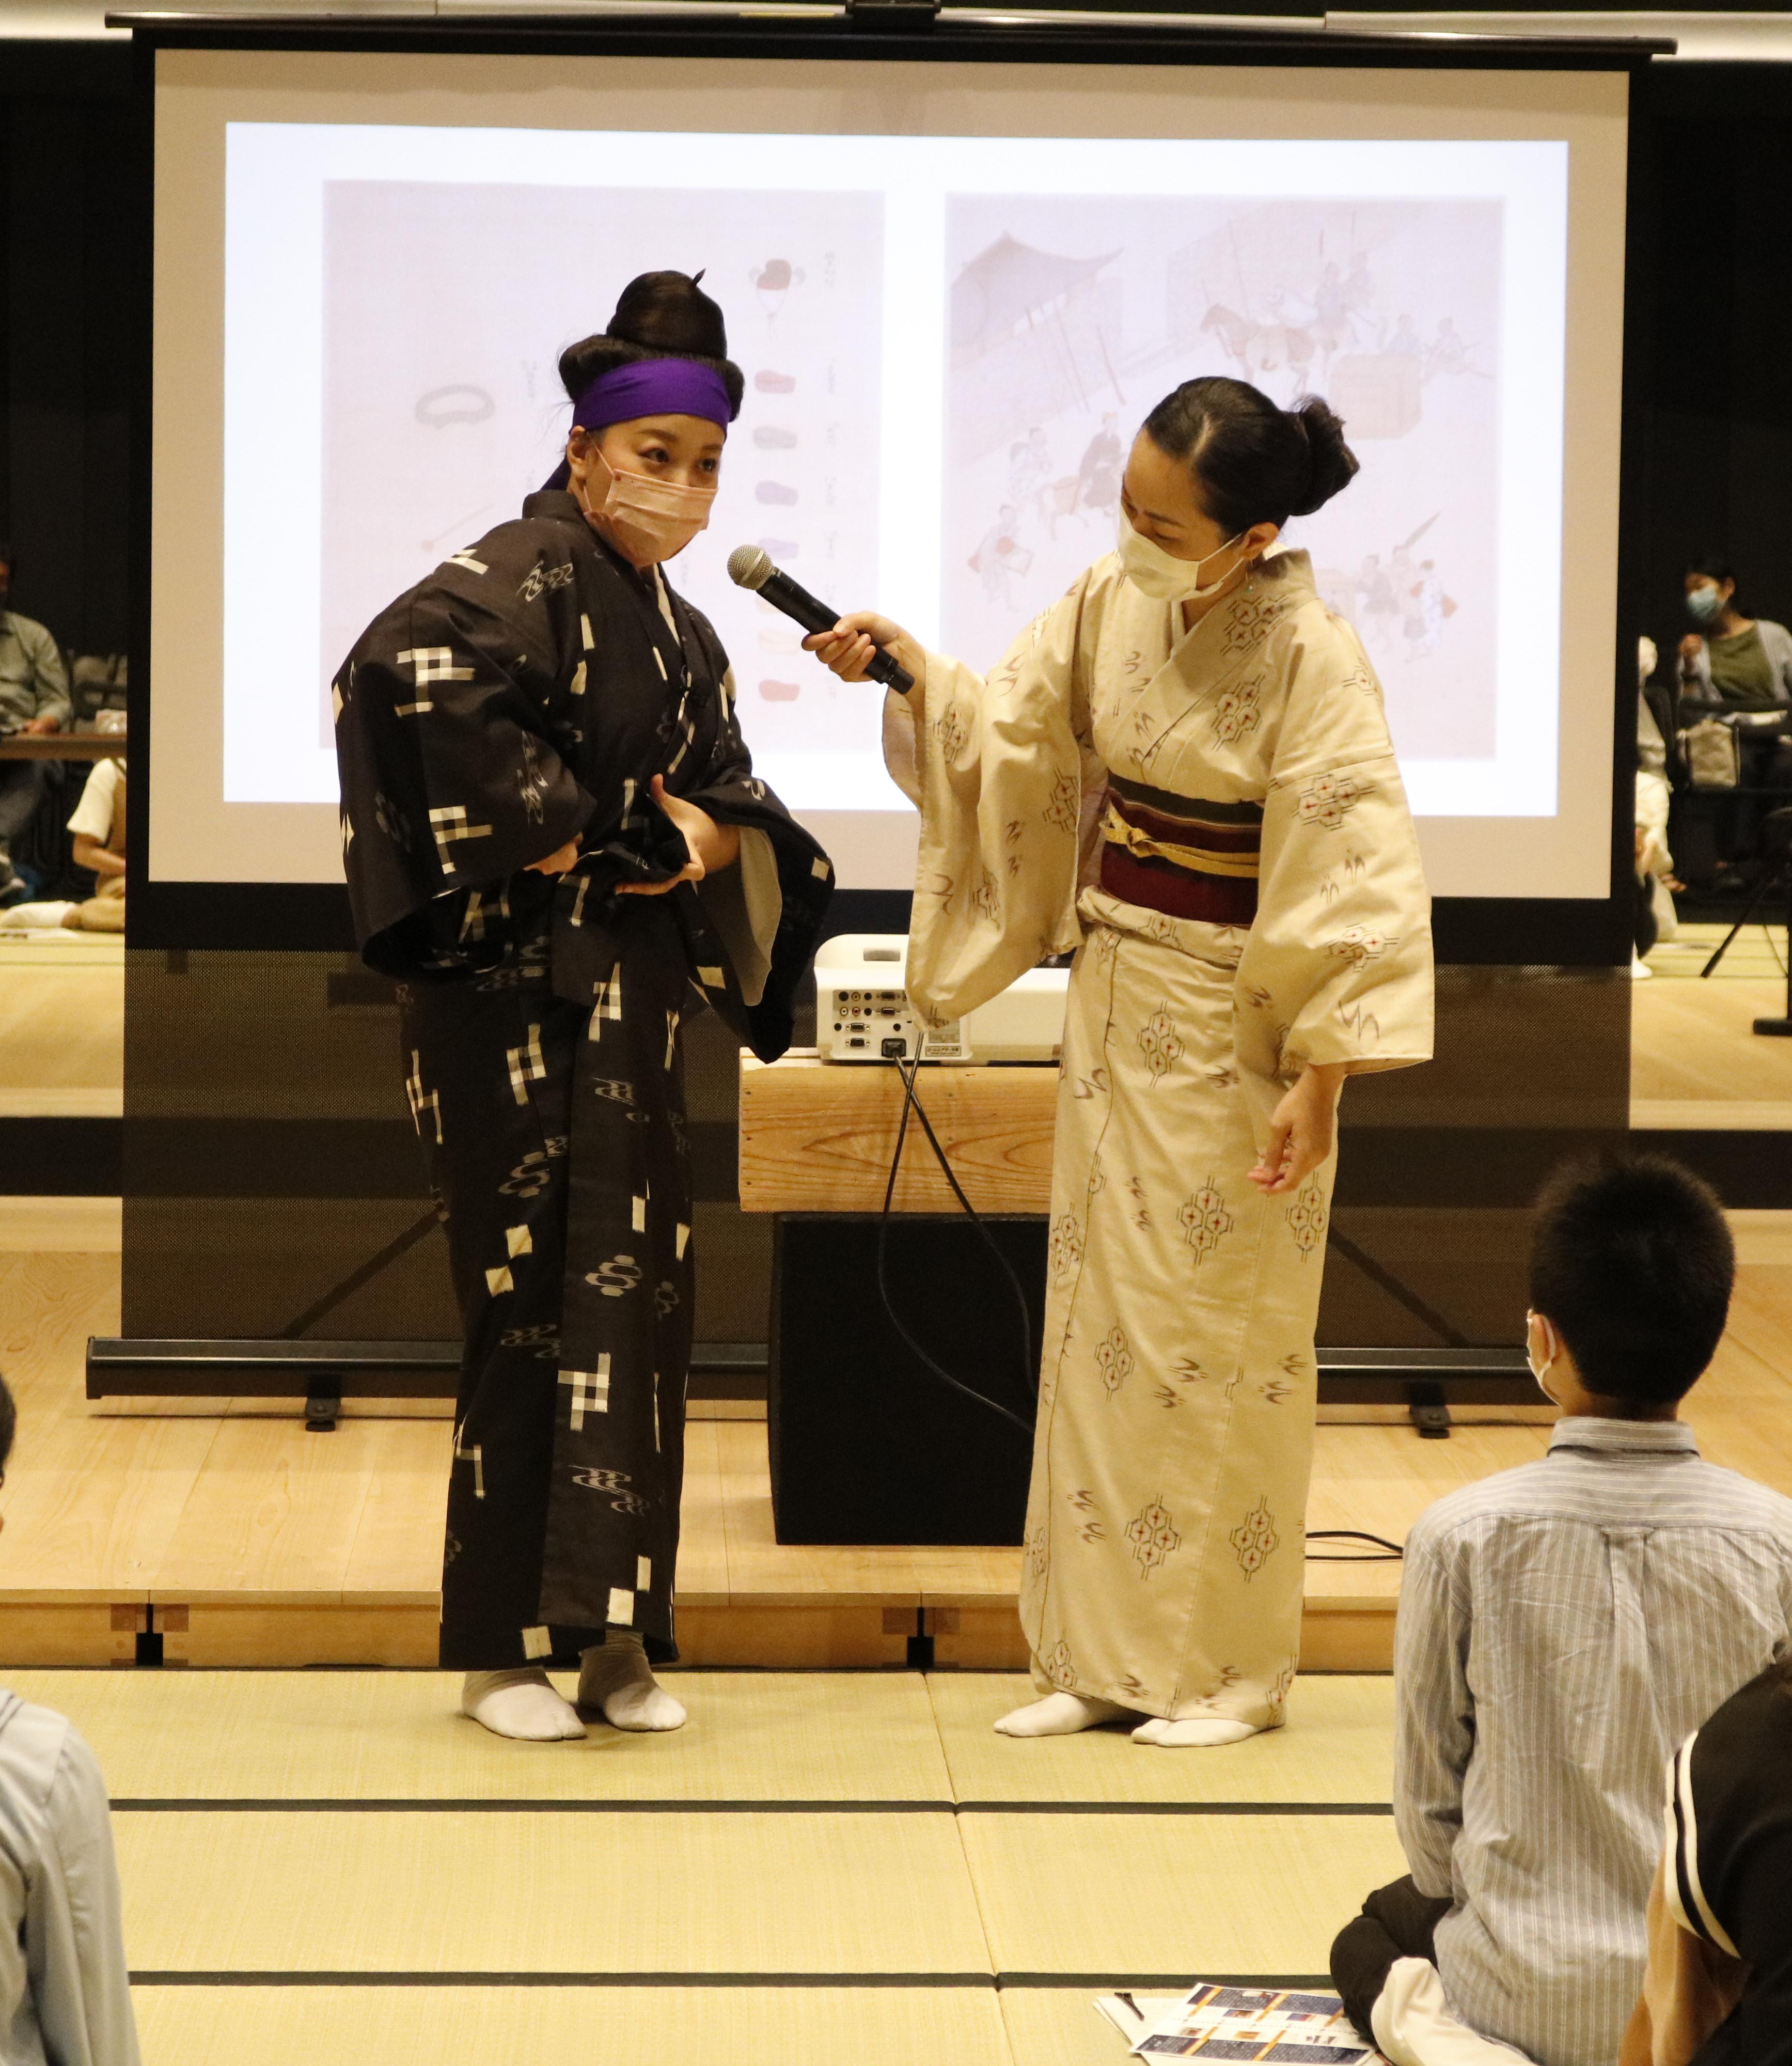 海が育んだ芸能の歴史──琉球芸能を学ぶ